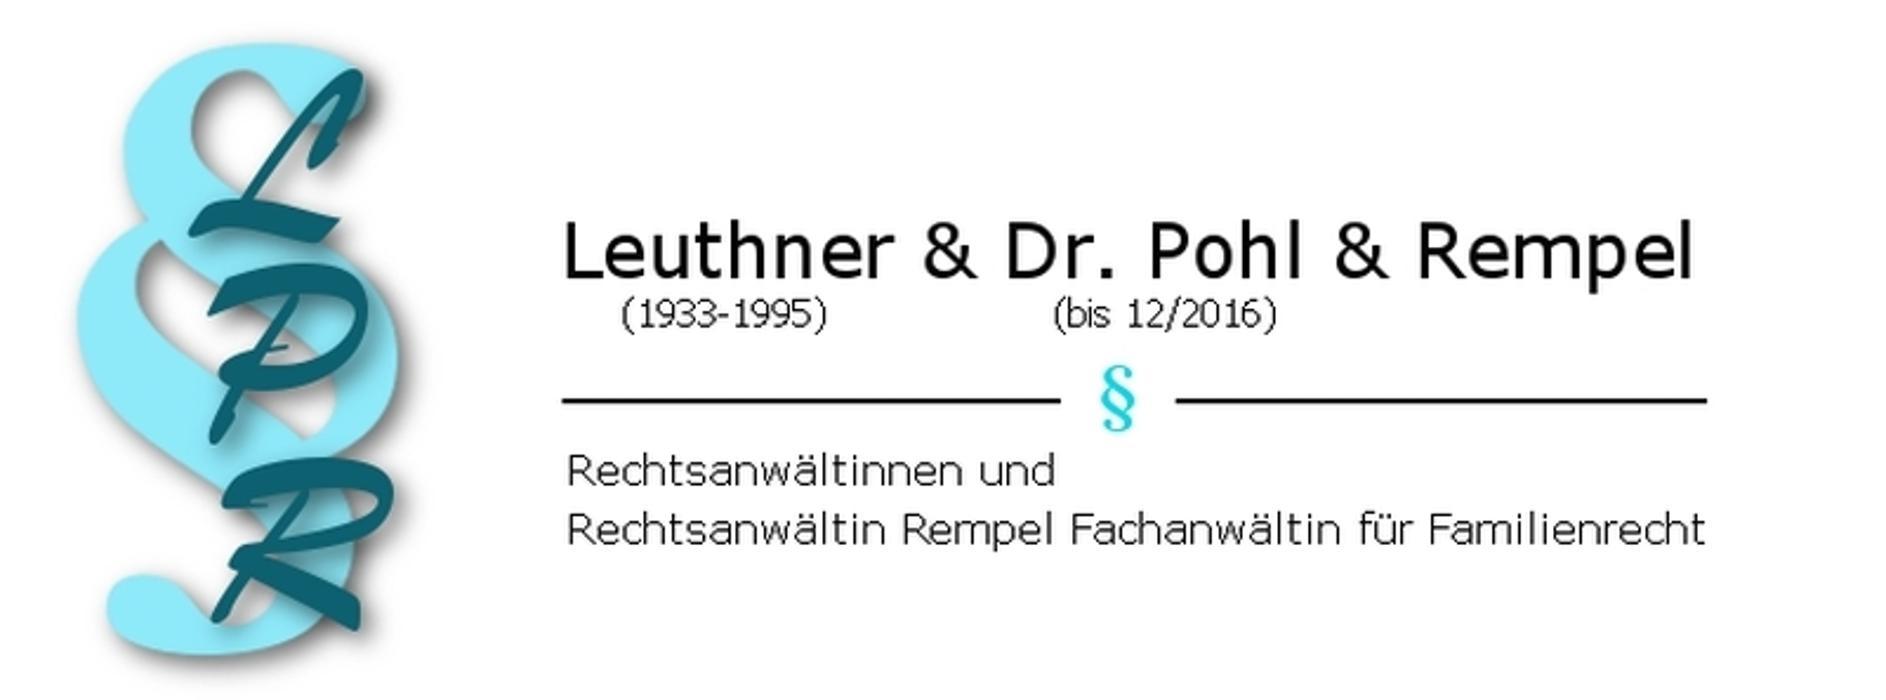 Bild zu Anwaltskanzlei Leuthner, Dr. Pohl u. Rempel in Ludwigshafen am Rhein